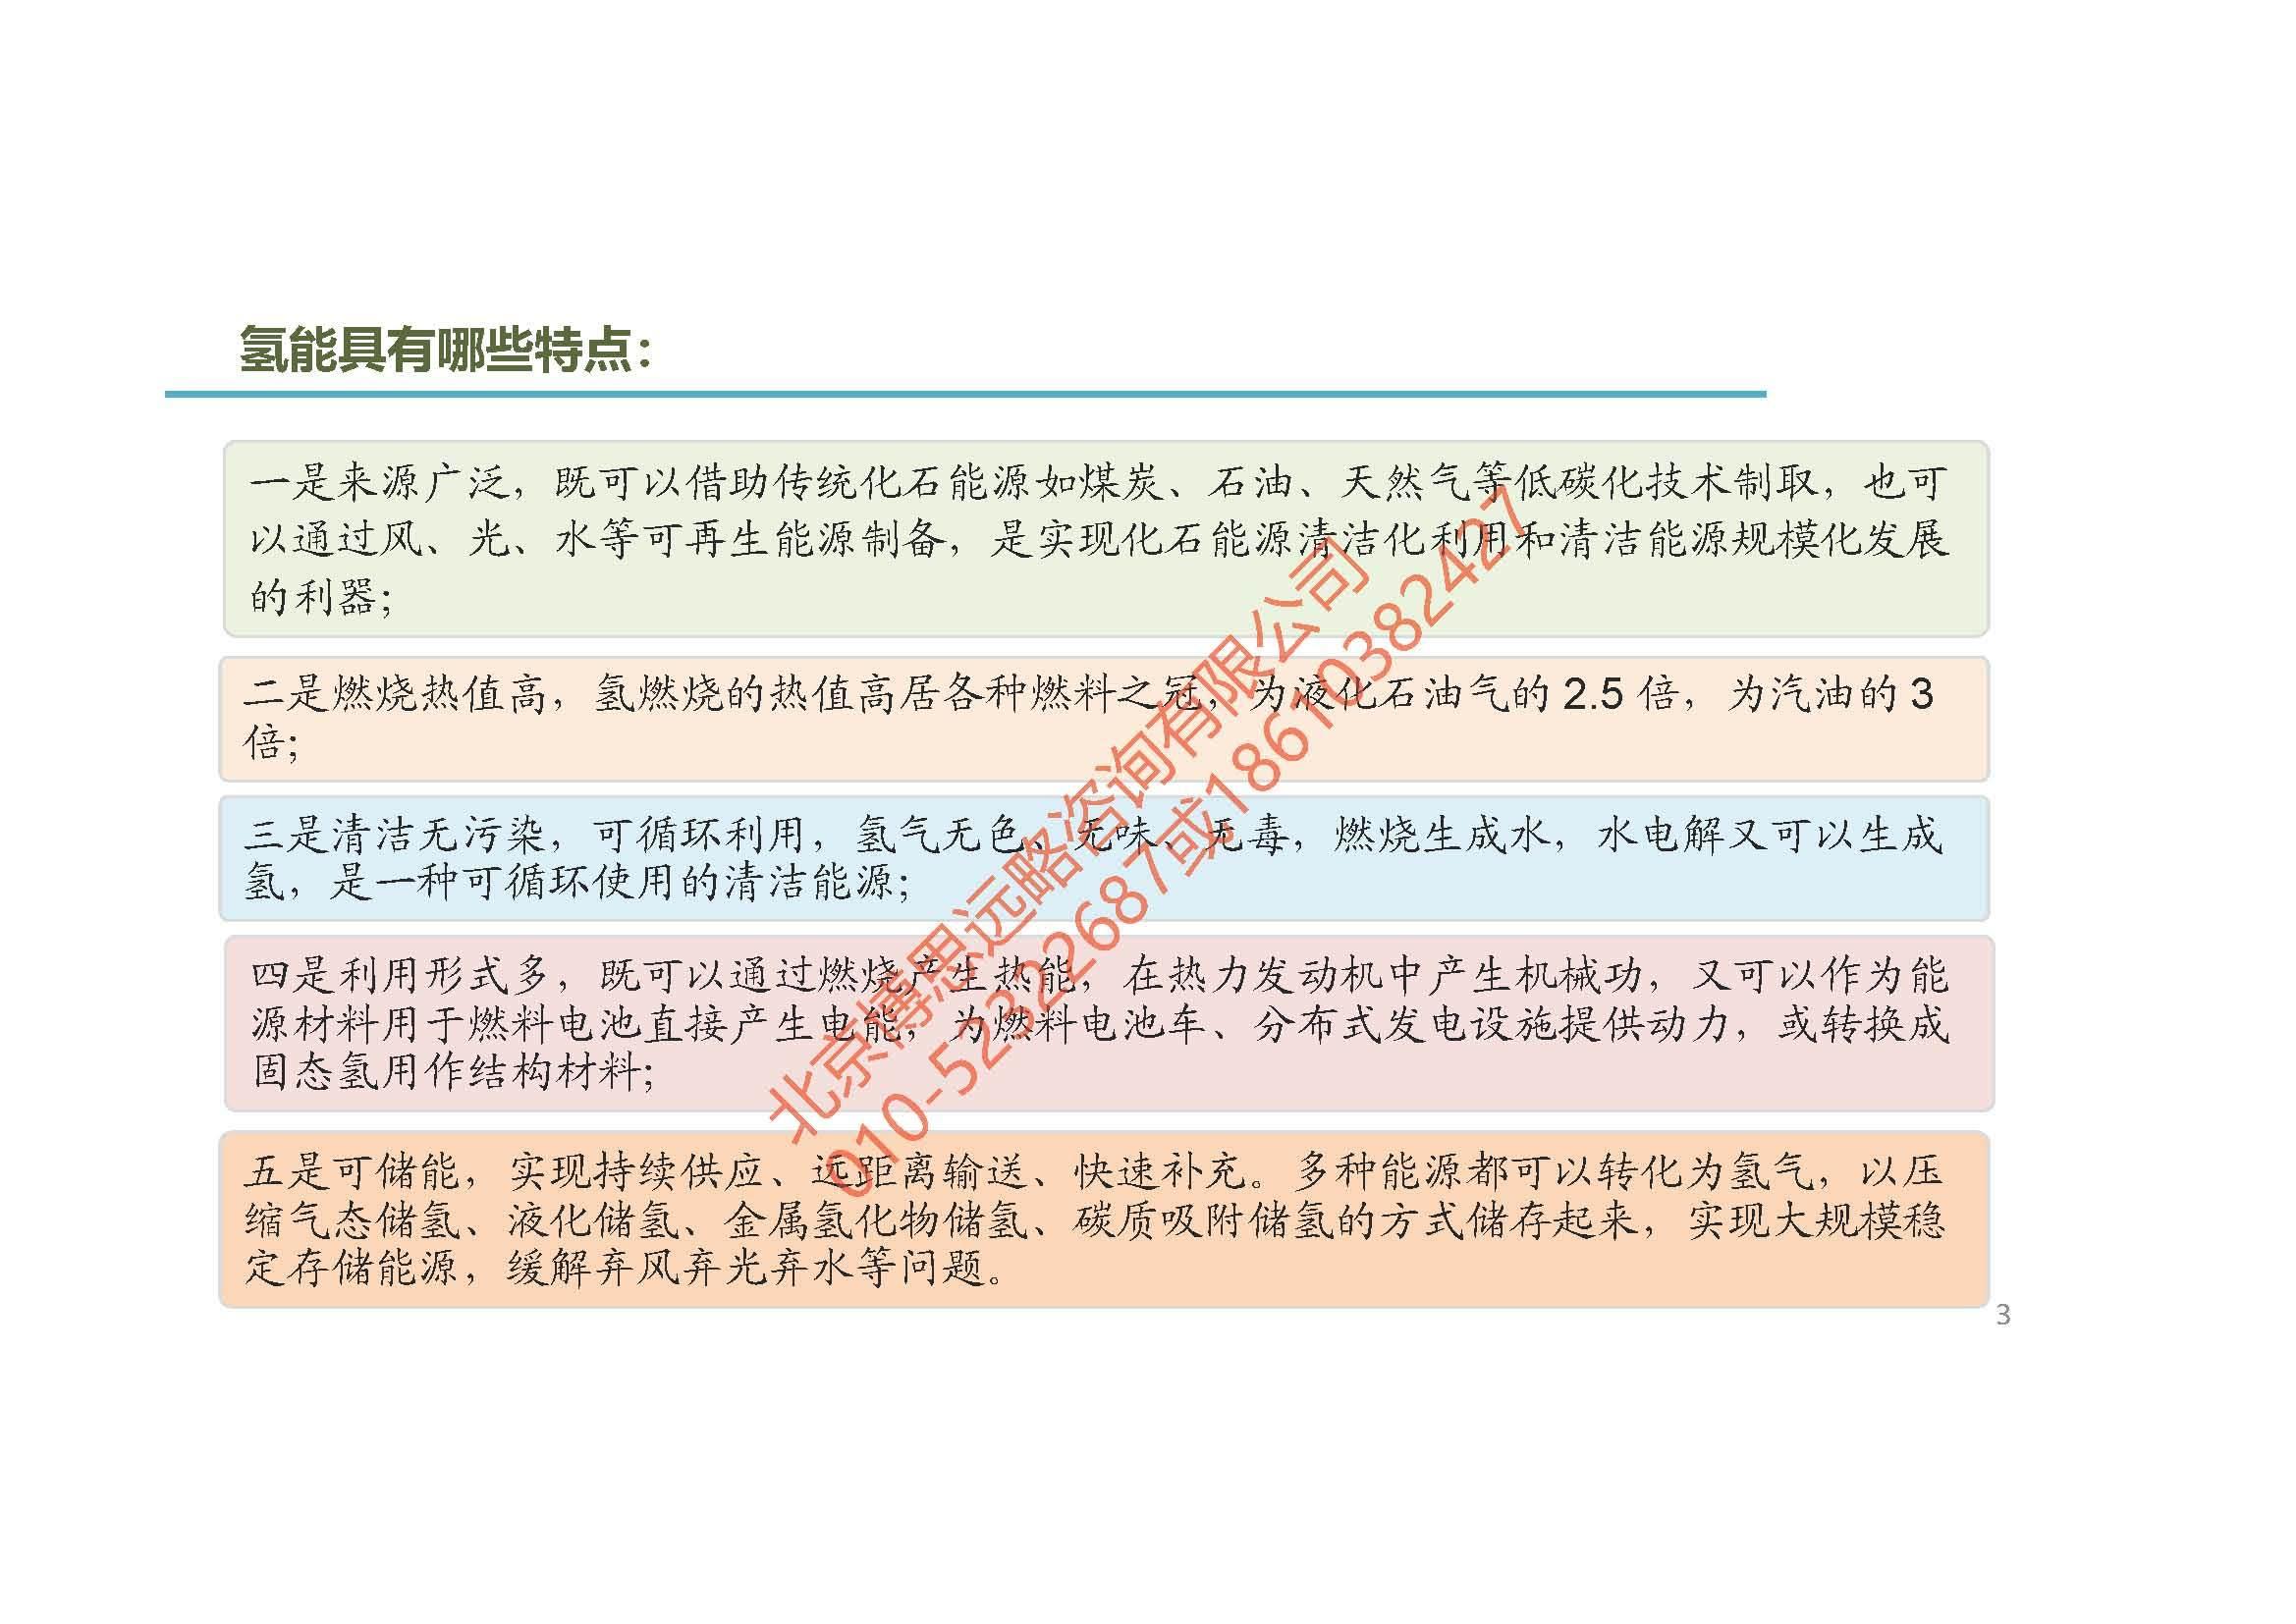 【最新】融资担保公司可行性研究报告 - 豆丁网